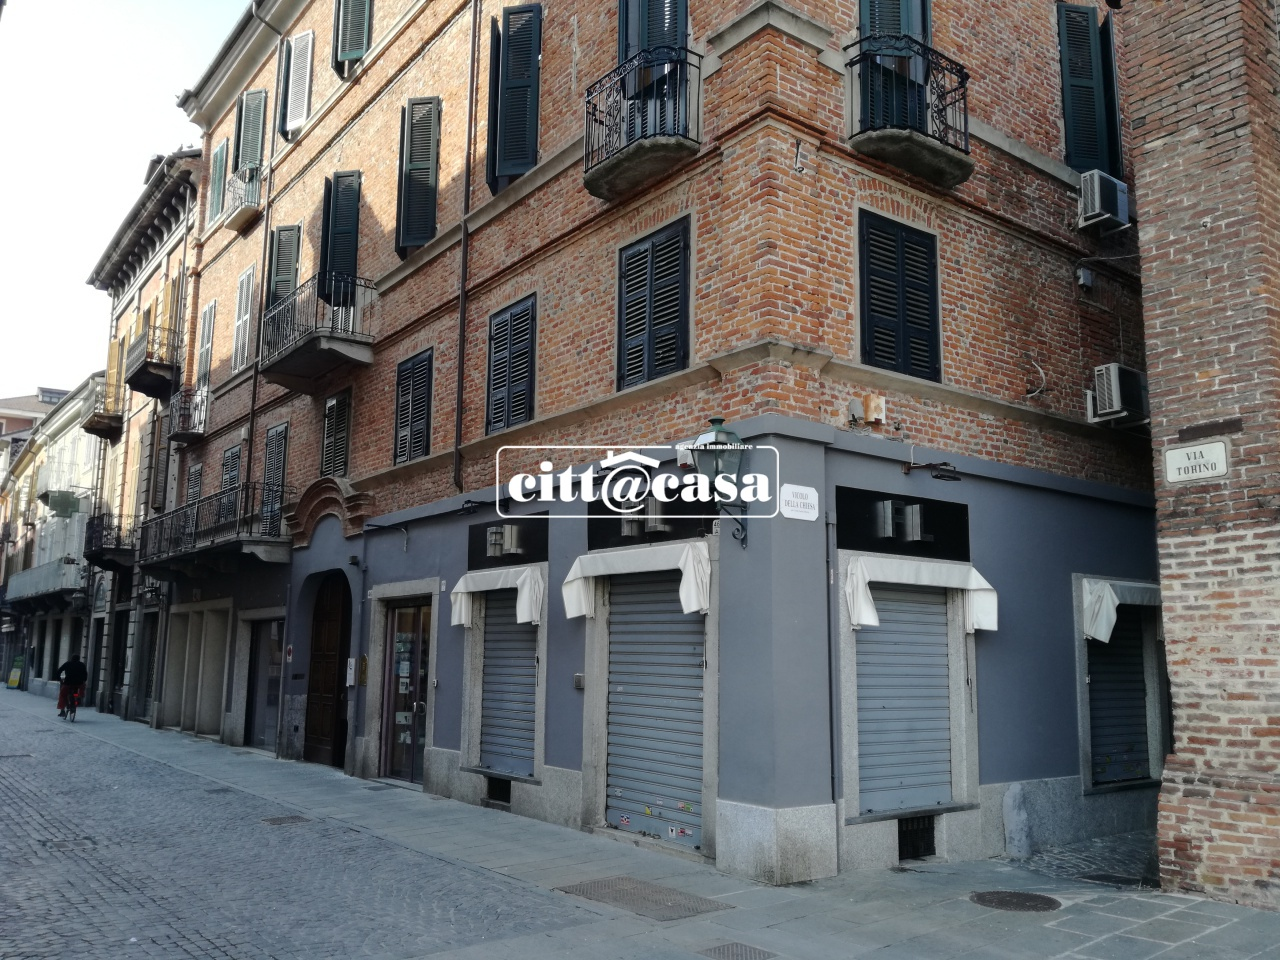 Ufficio / Studio in affitto a Chivasso, 3 locali, prezzo € 800 | CambioCasa.it